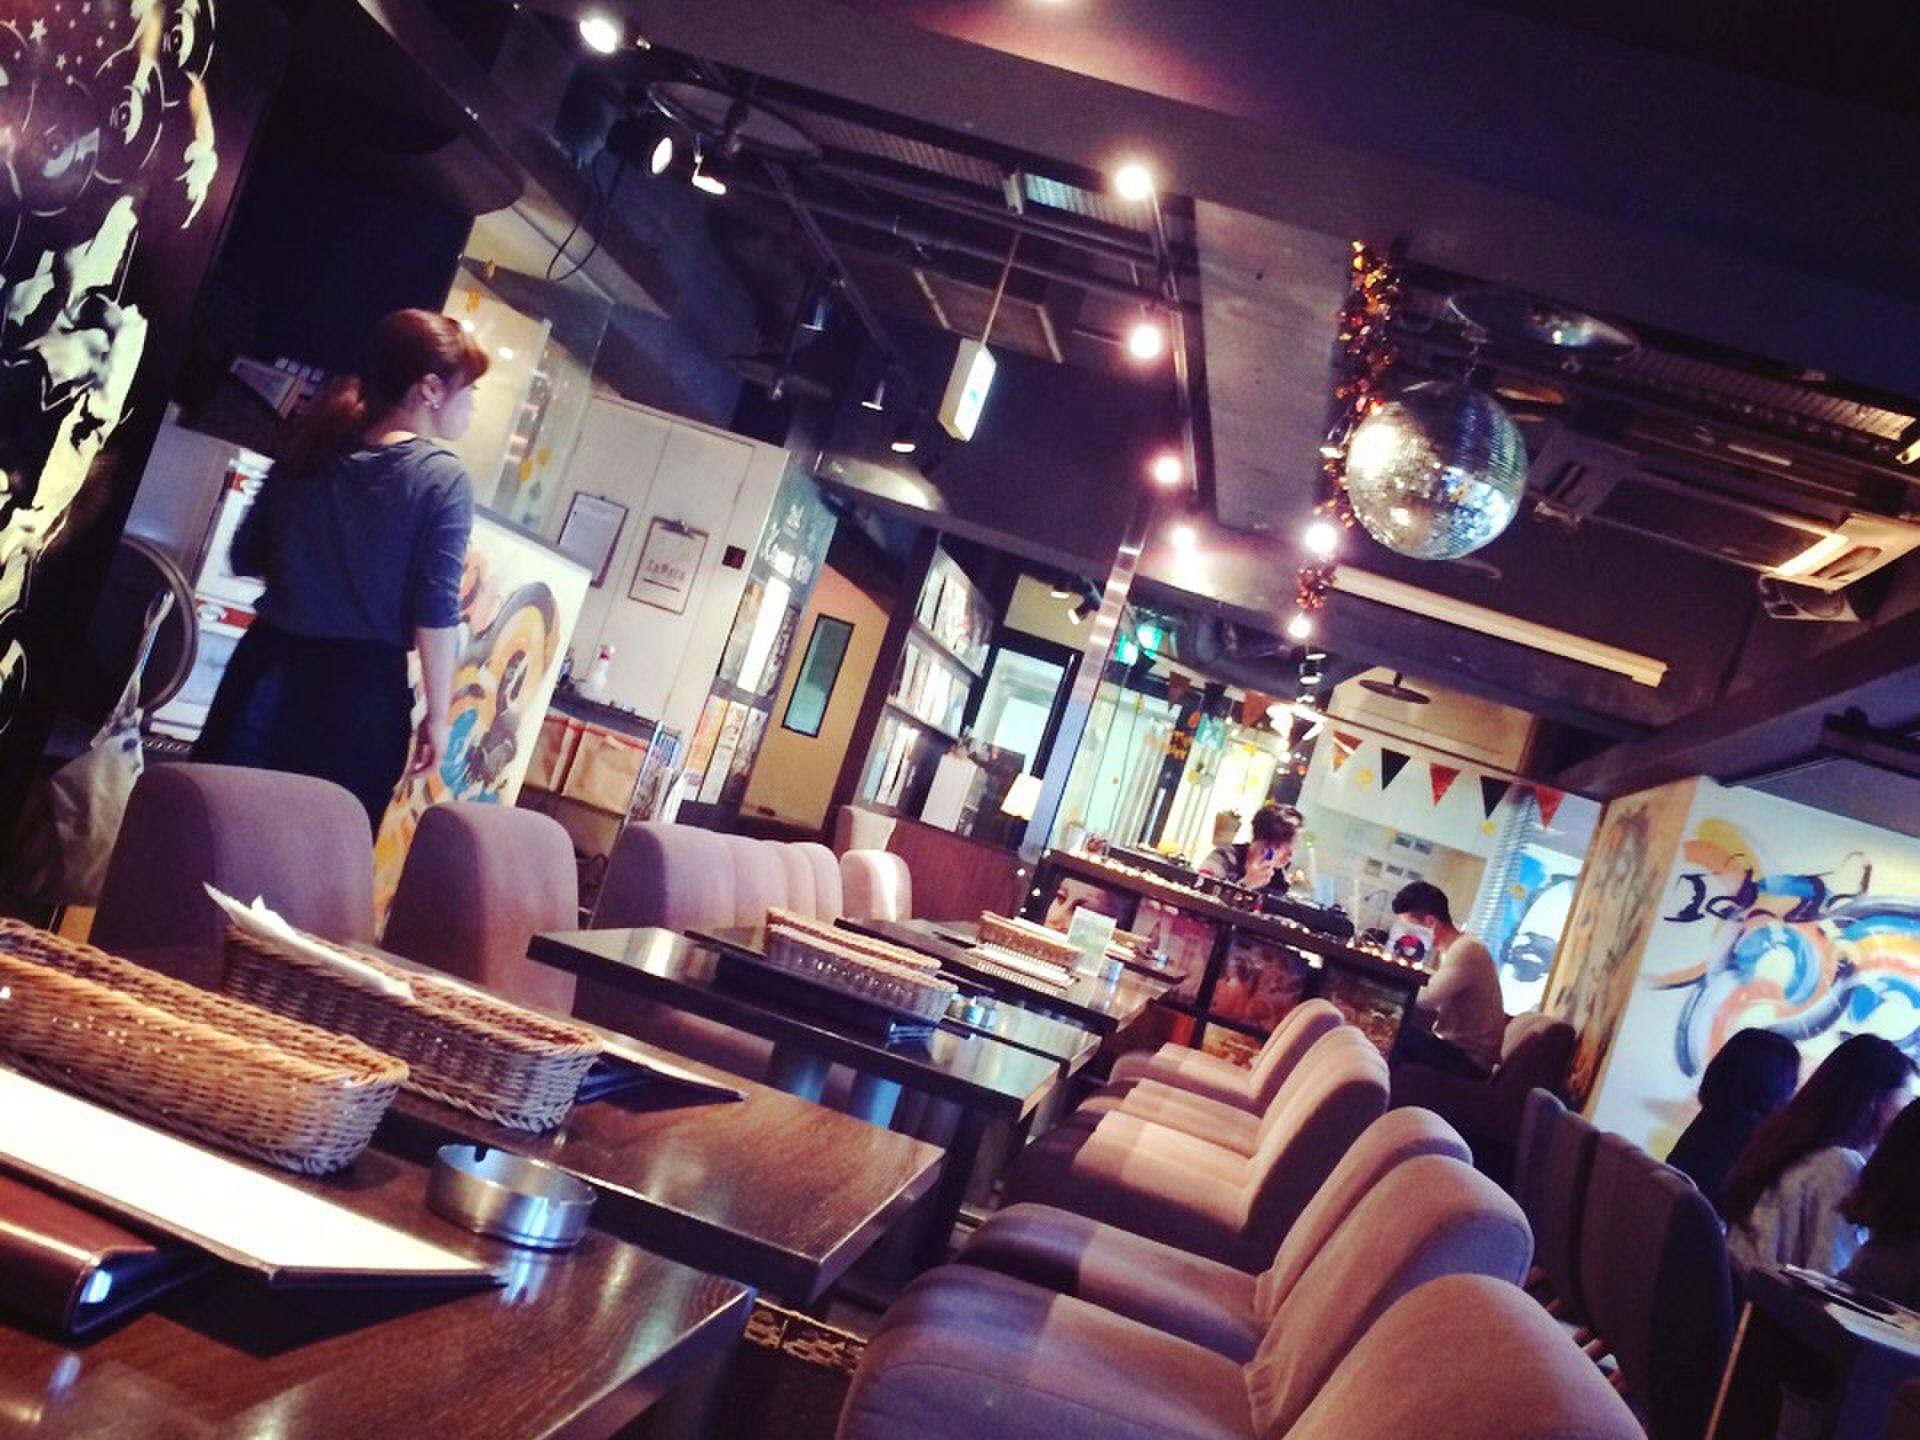 【渋谷で読書の秋を楽しむ】ソファー席のあるゆったり出来ちゃうカフェまとめ!抹茶のメニューがおすすめ!